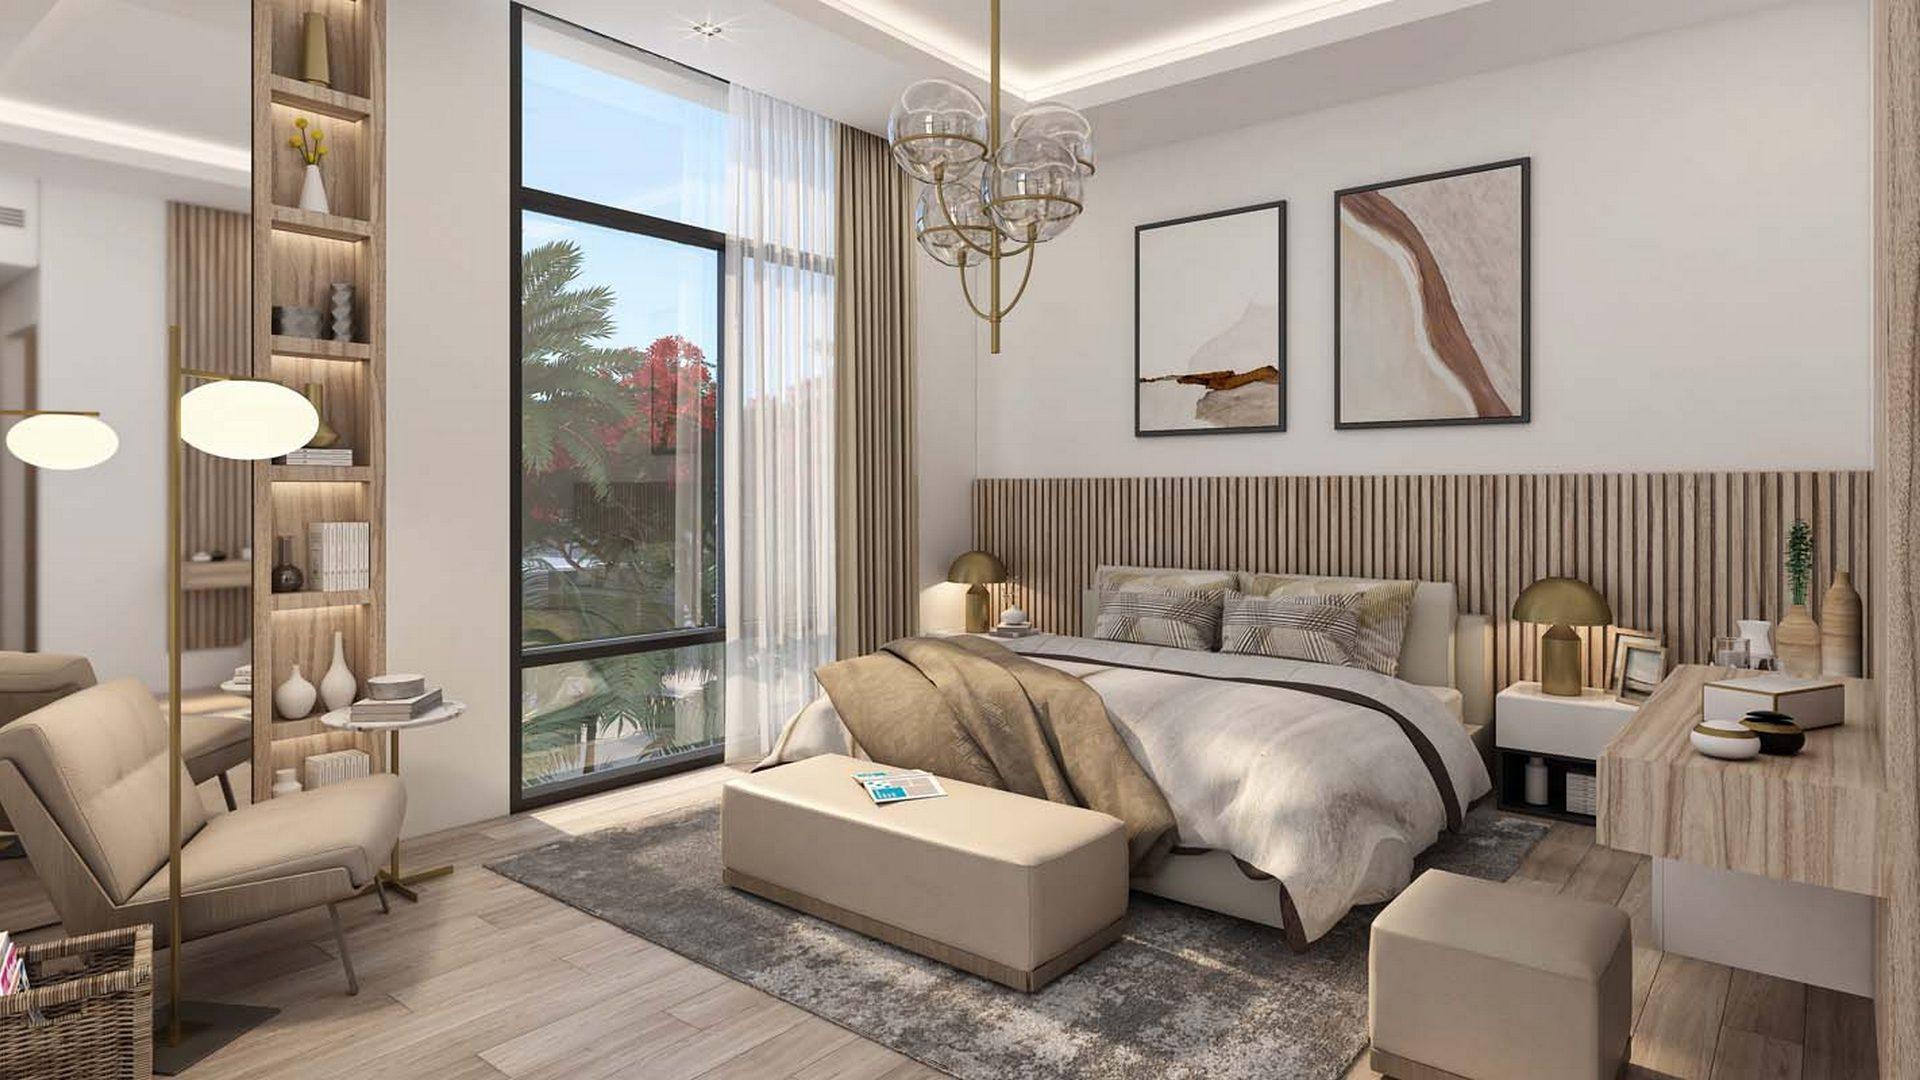 Adosado en venta en Dubai, EAU, 4 dormitorios, 457 m2, № 24532 – foto 7